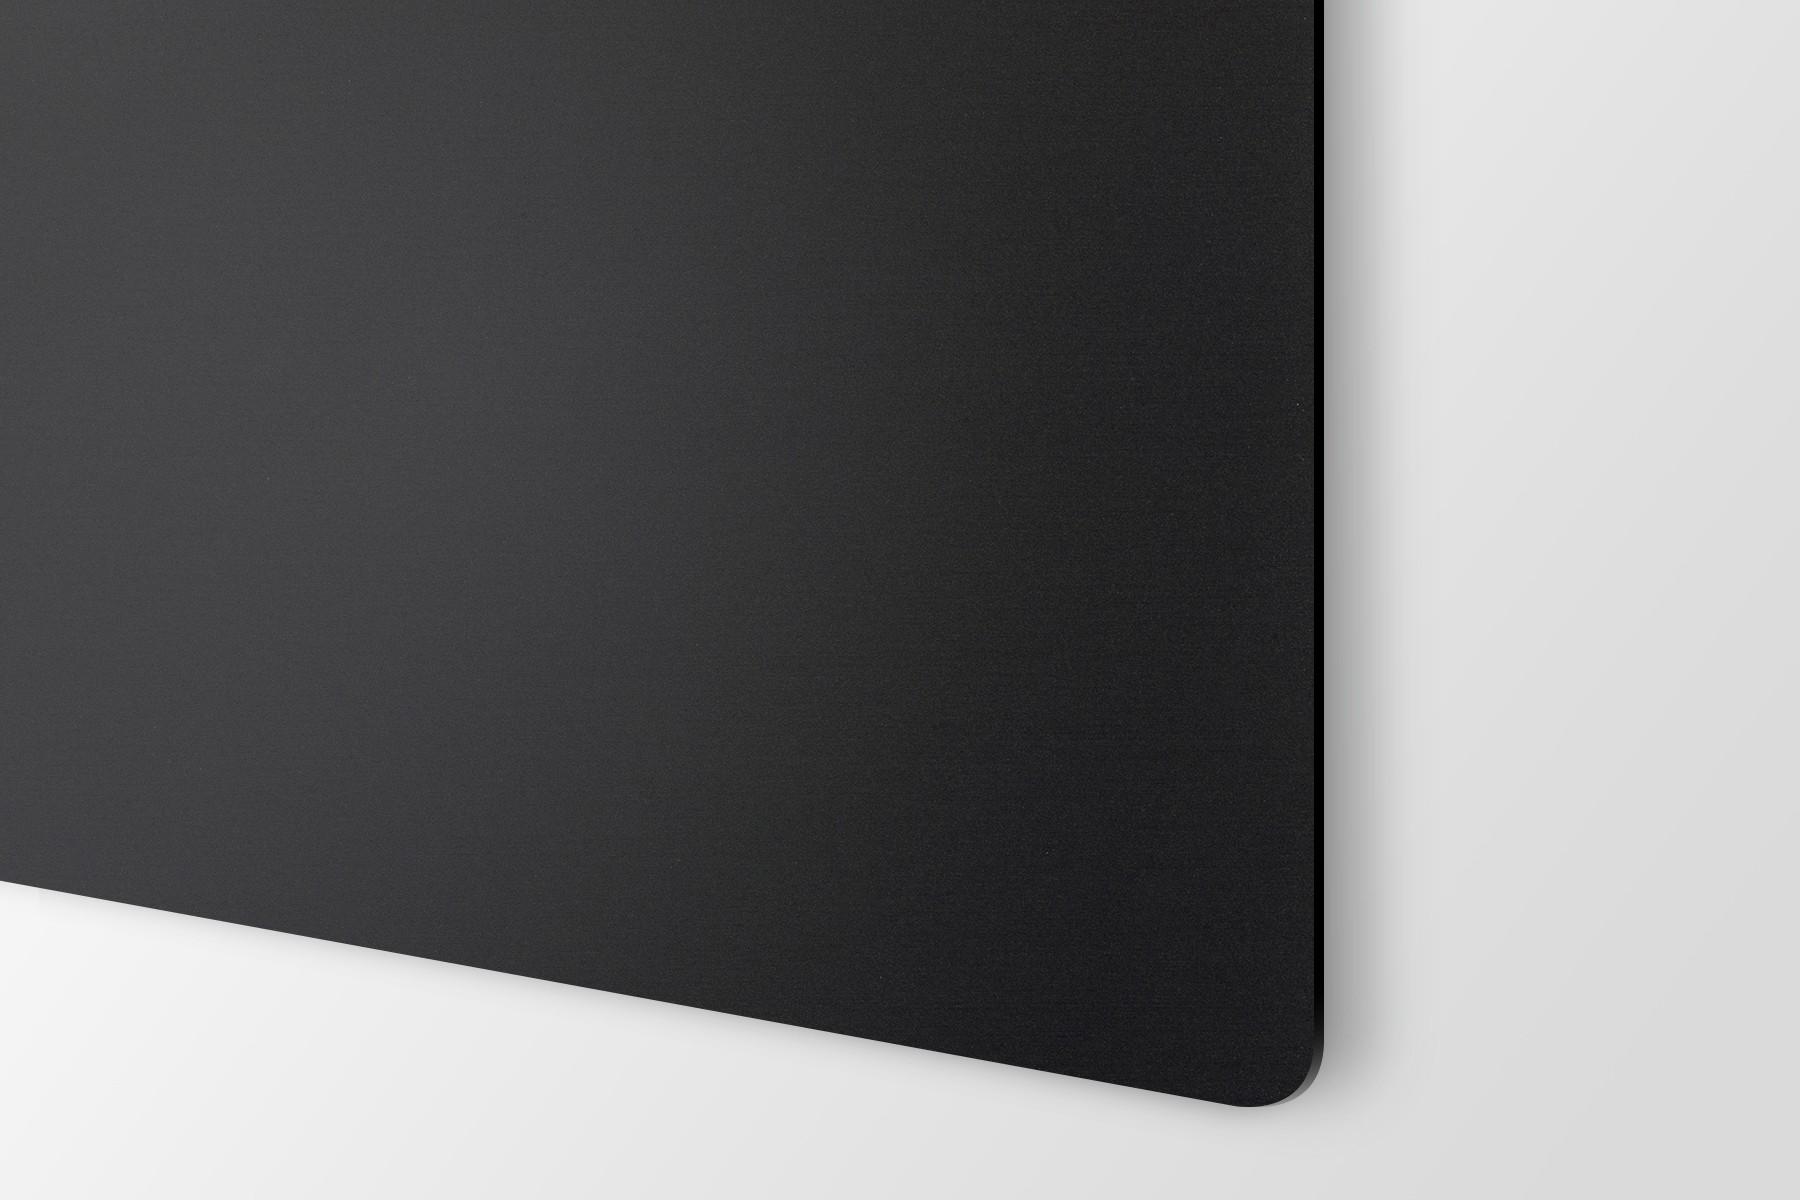 Durablack schwarz matt